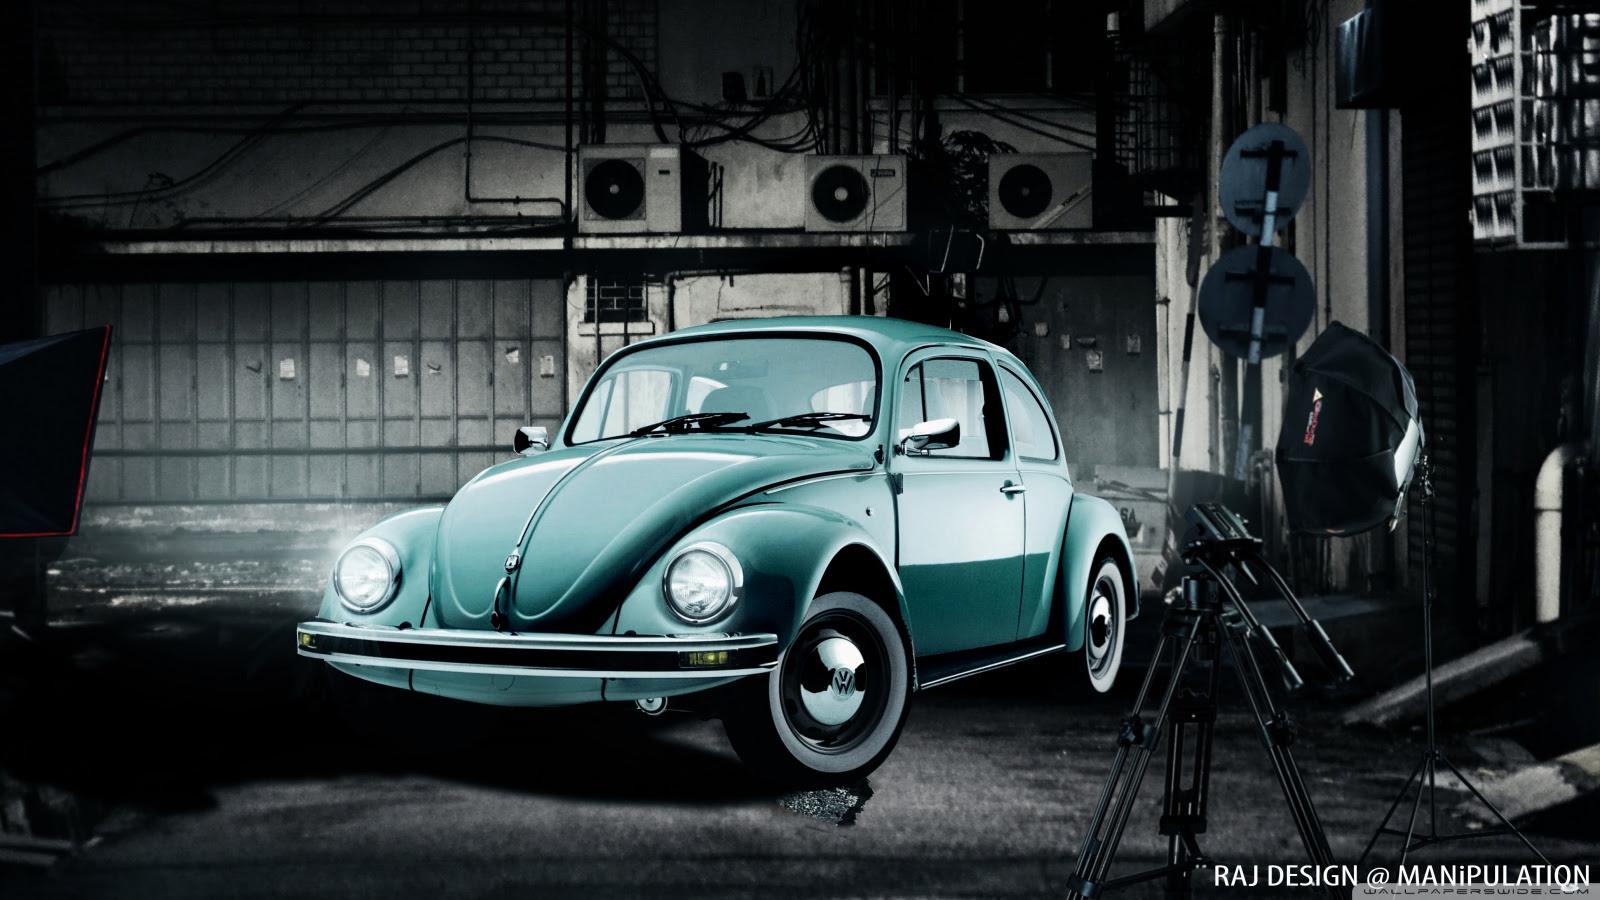 Classic Car Volkswagen Beetle Wallpaper Desktop Wallpapers App